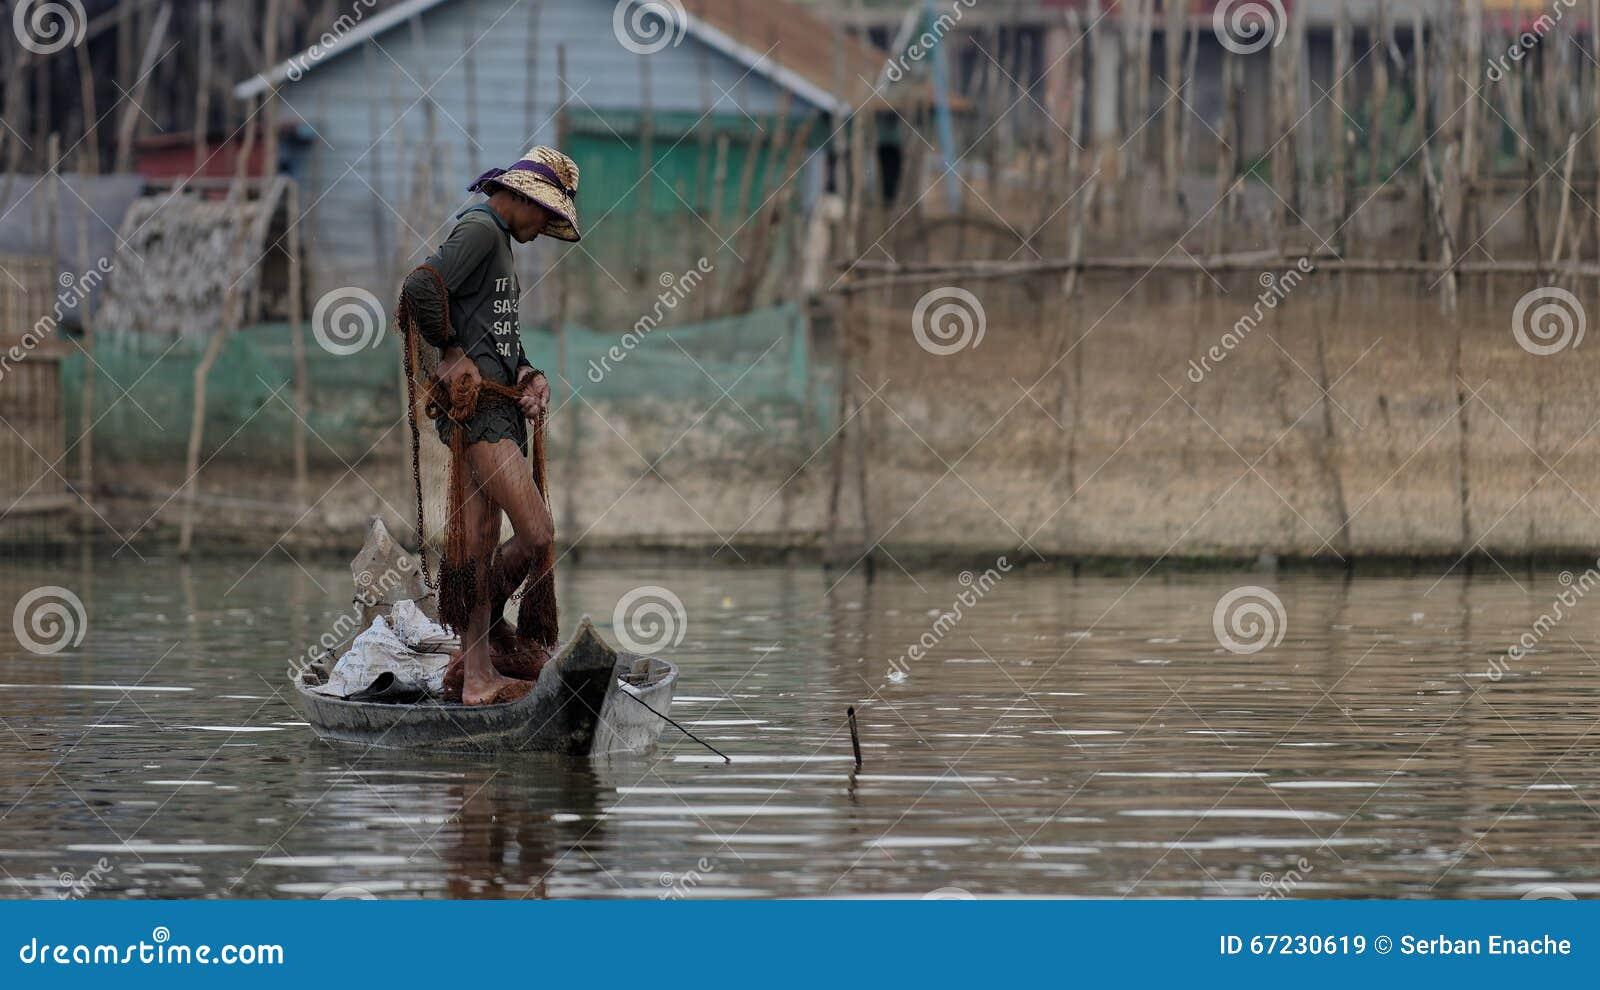 Fisherman in boat, Tonle Sap, Cambodia